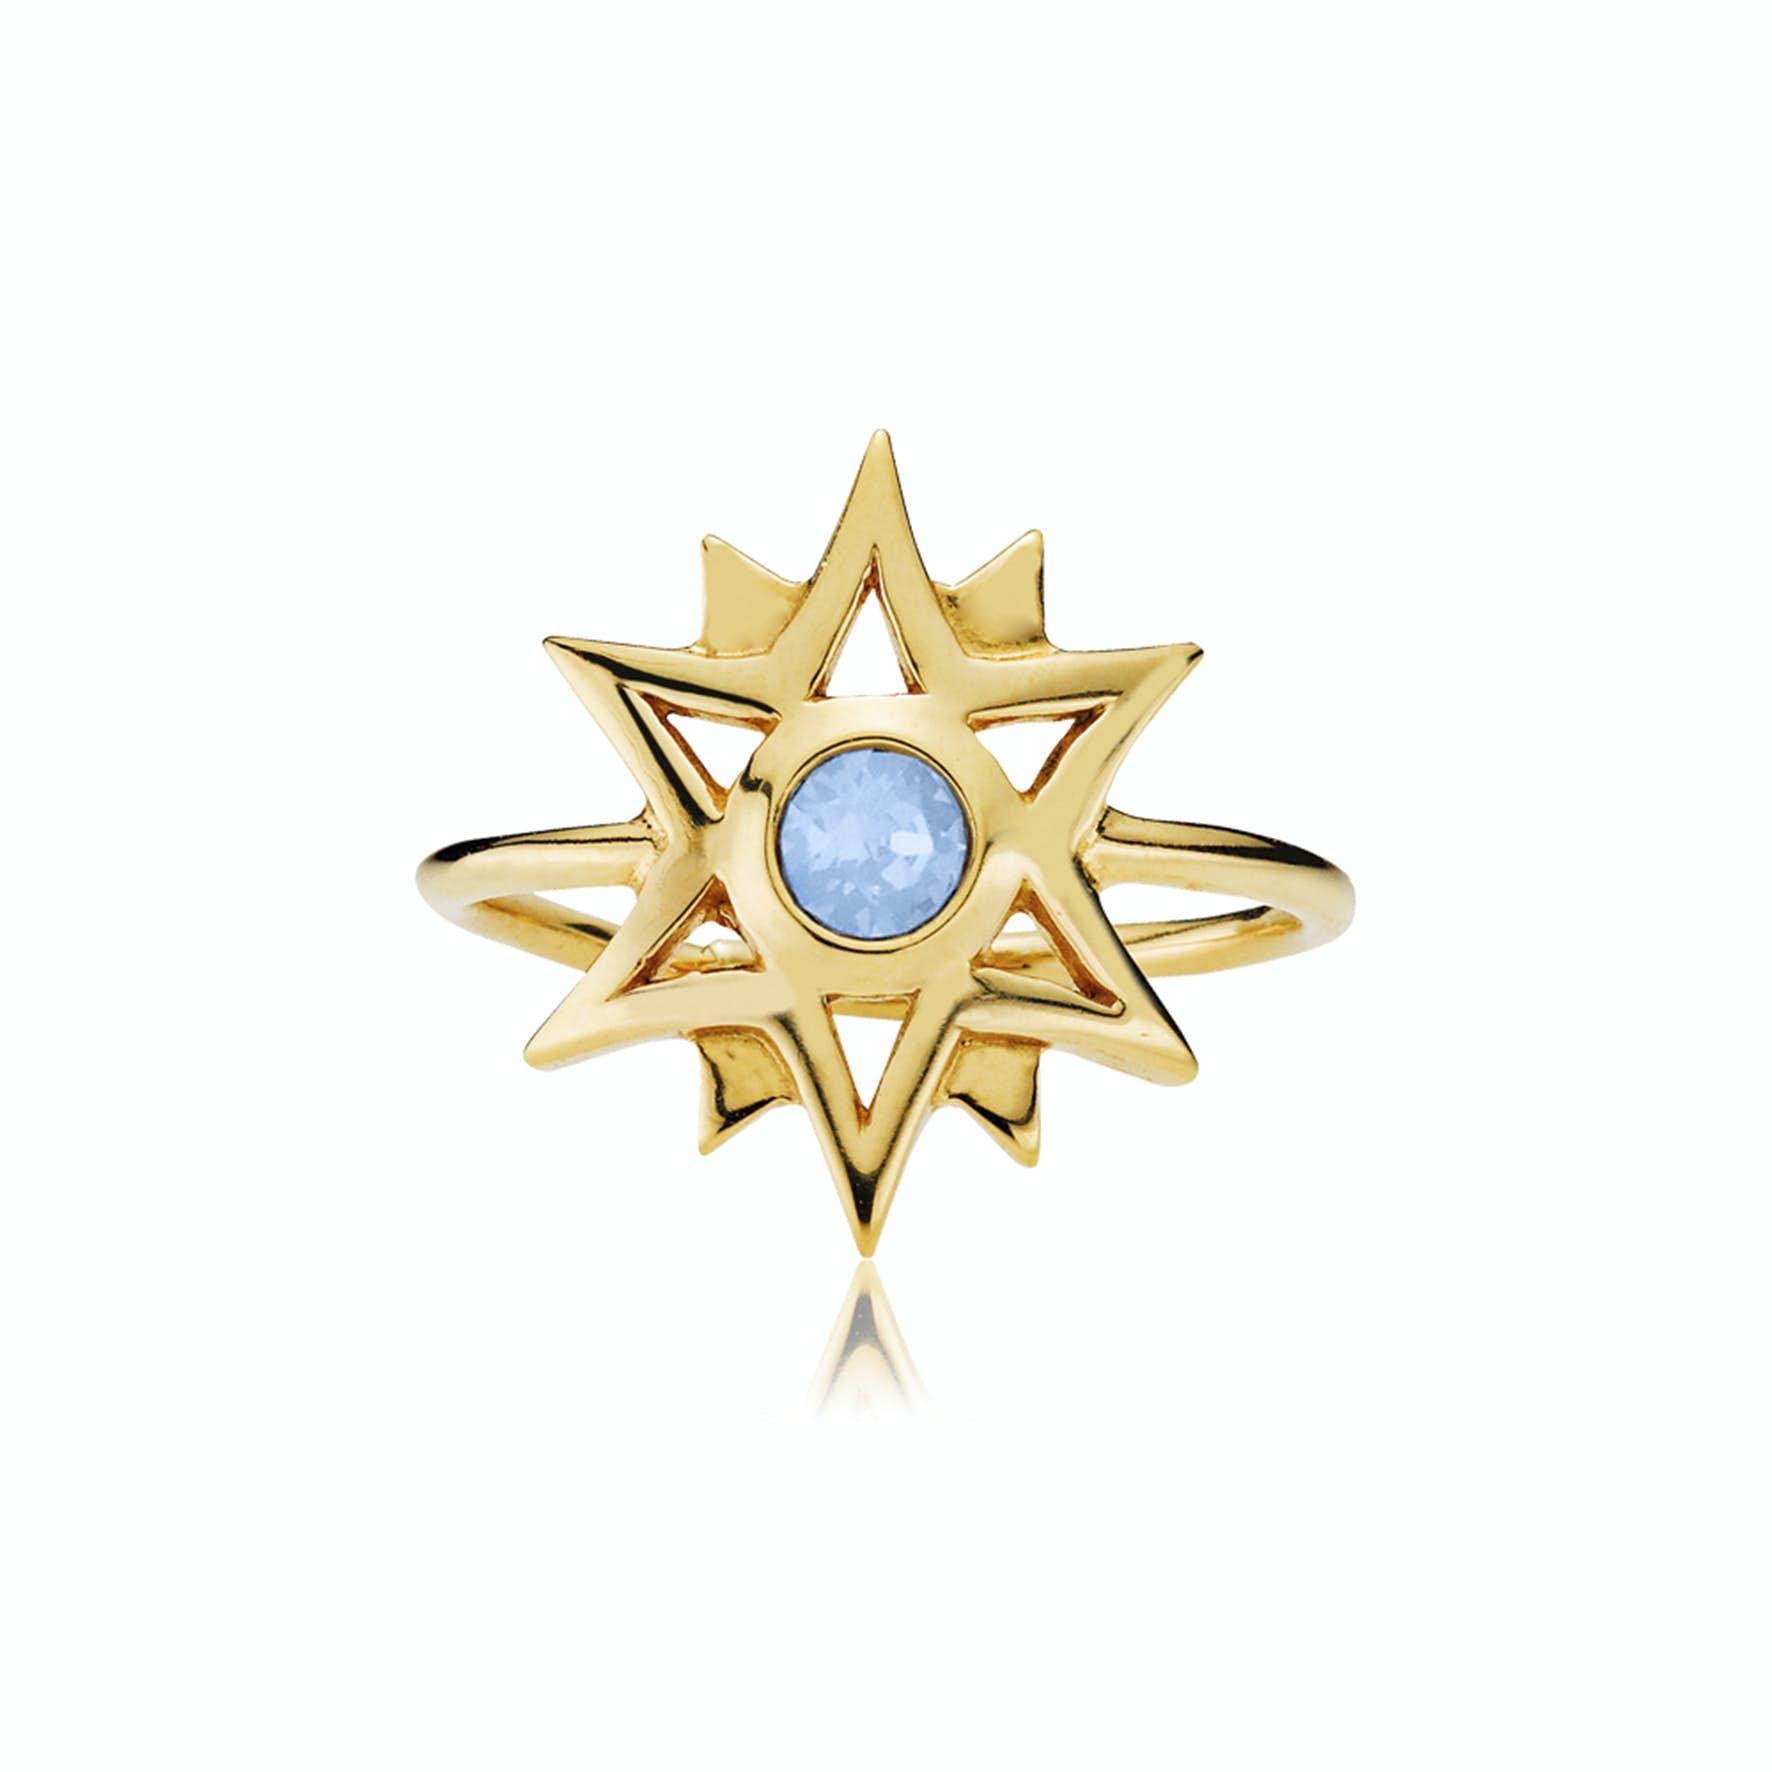 Olivia by Sistie Ring fra Sistie i Forgyldt-Sølv Sterling 925